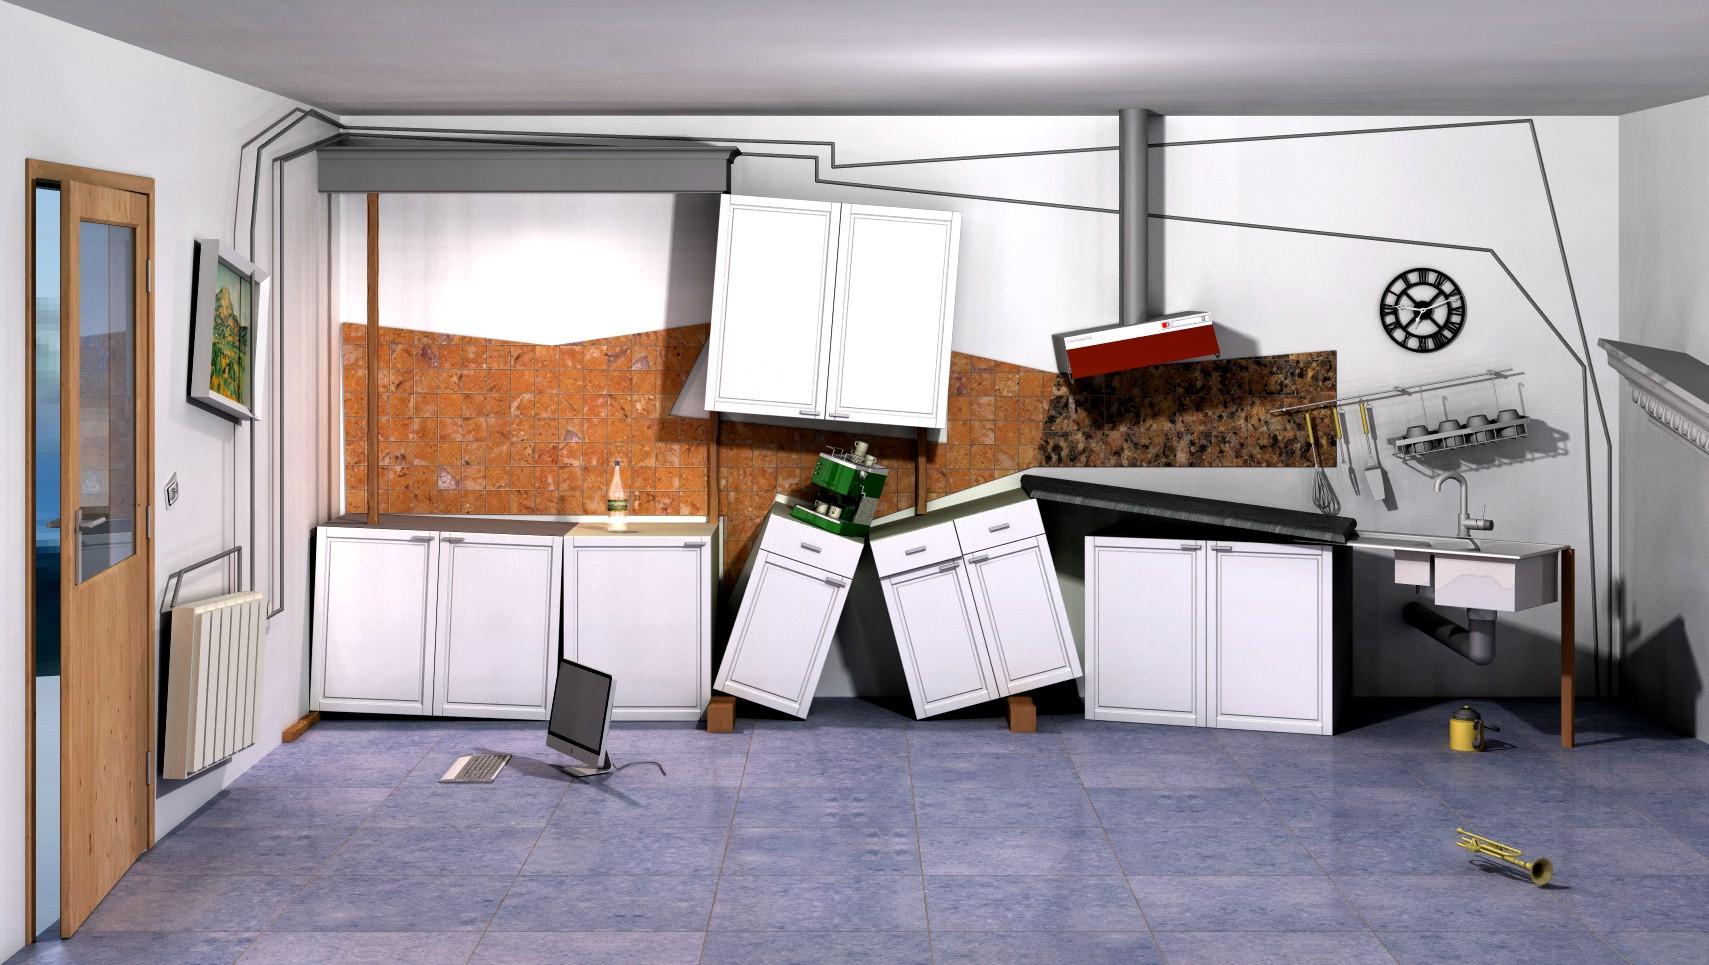 Forthcad 3d logiciel de design agencement et fabrication for Logiciel agencement 3d